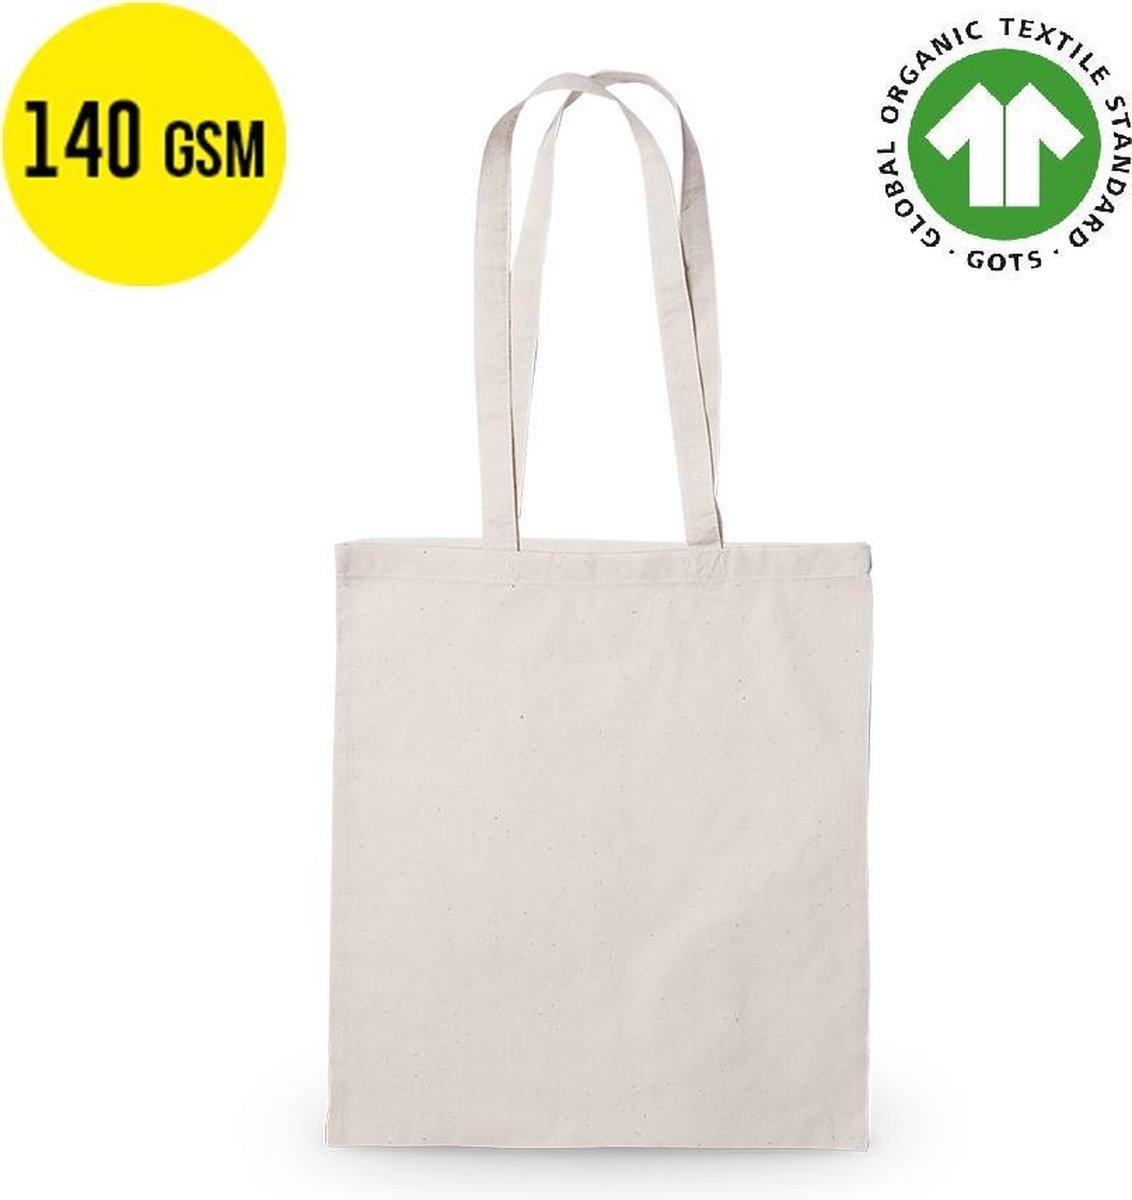 10 stuks Ecologische Katoenen Tassen Shopper 37x41cm - 140 grams - 100% biologisch katoen - met heng